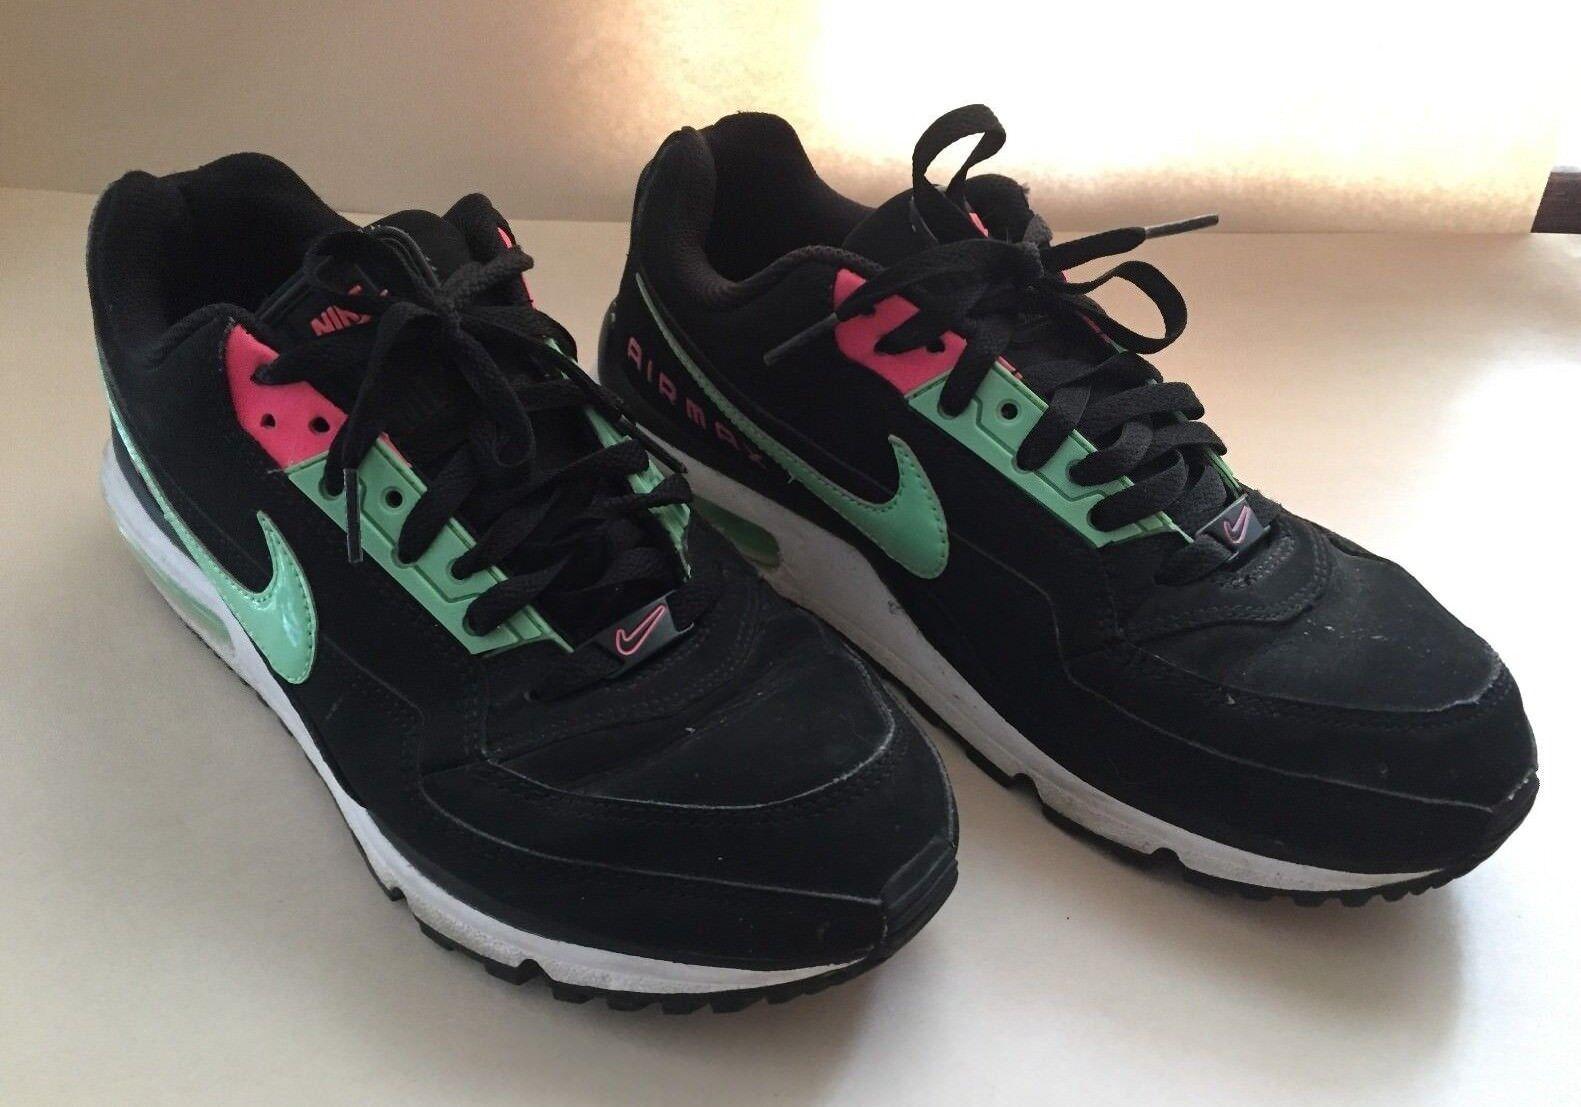 les hommes en noir des chaussures nike air max ltd 407979-017 nous 407979-017 ltd 9,5 0bd151